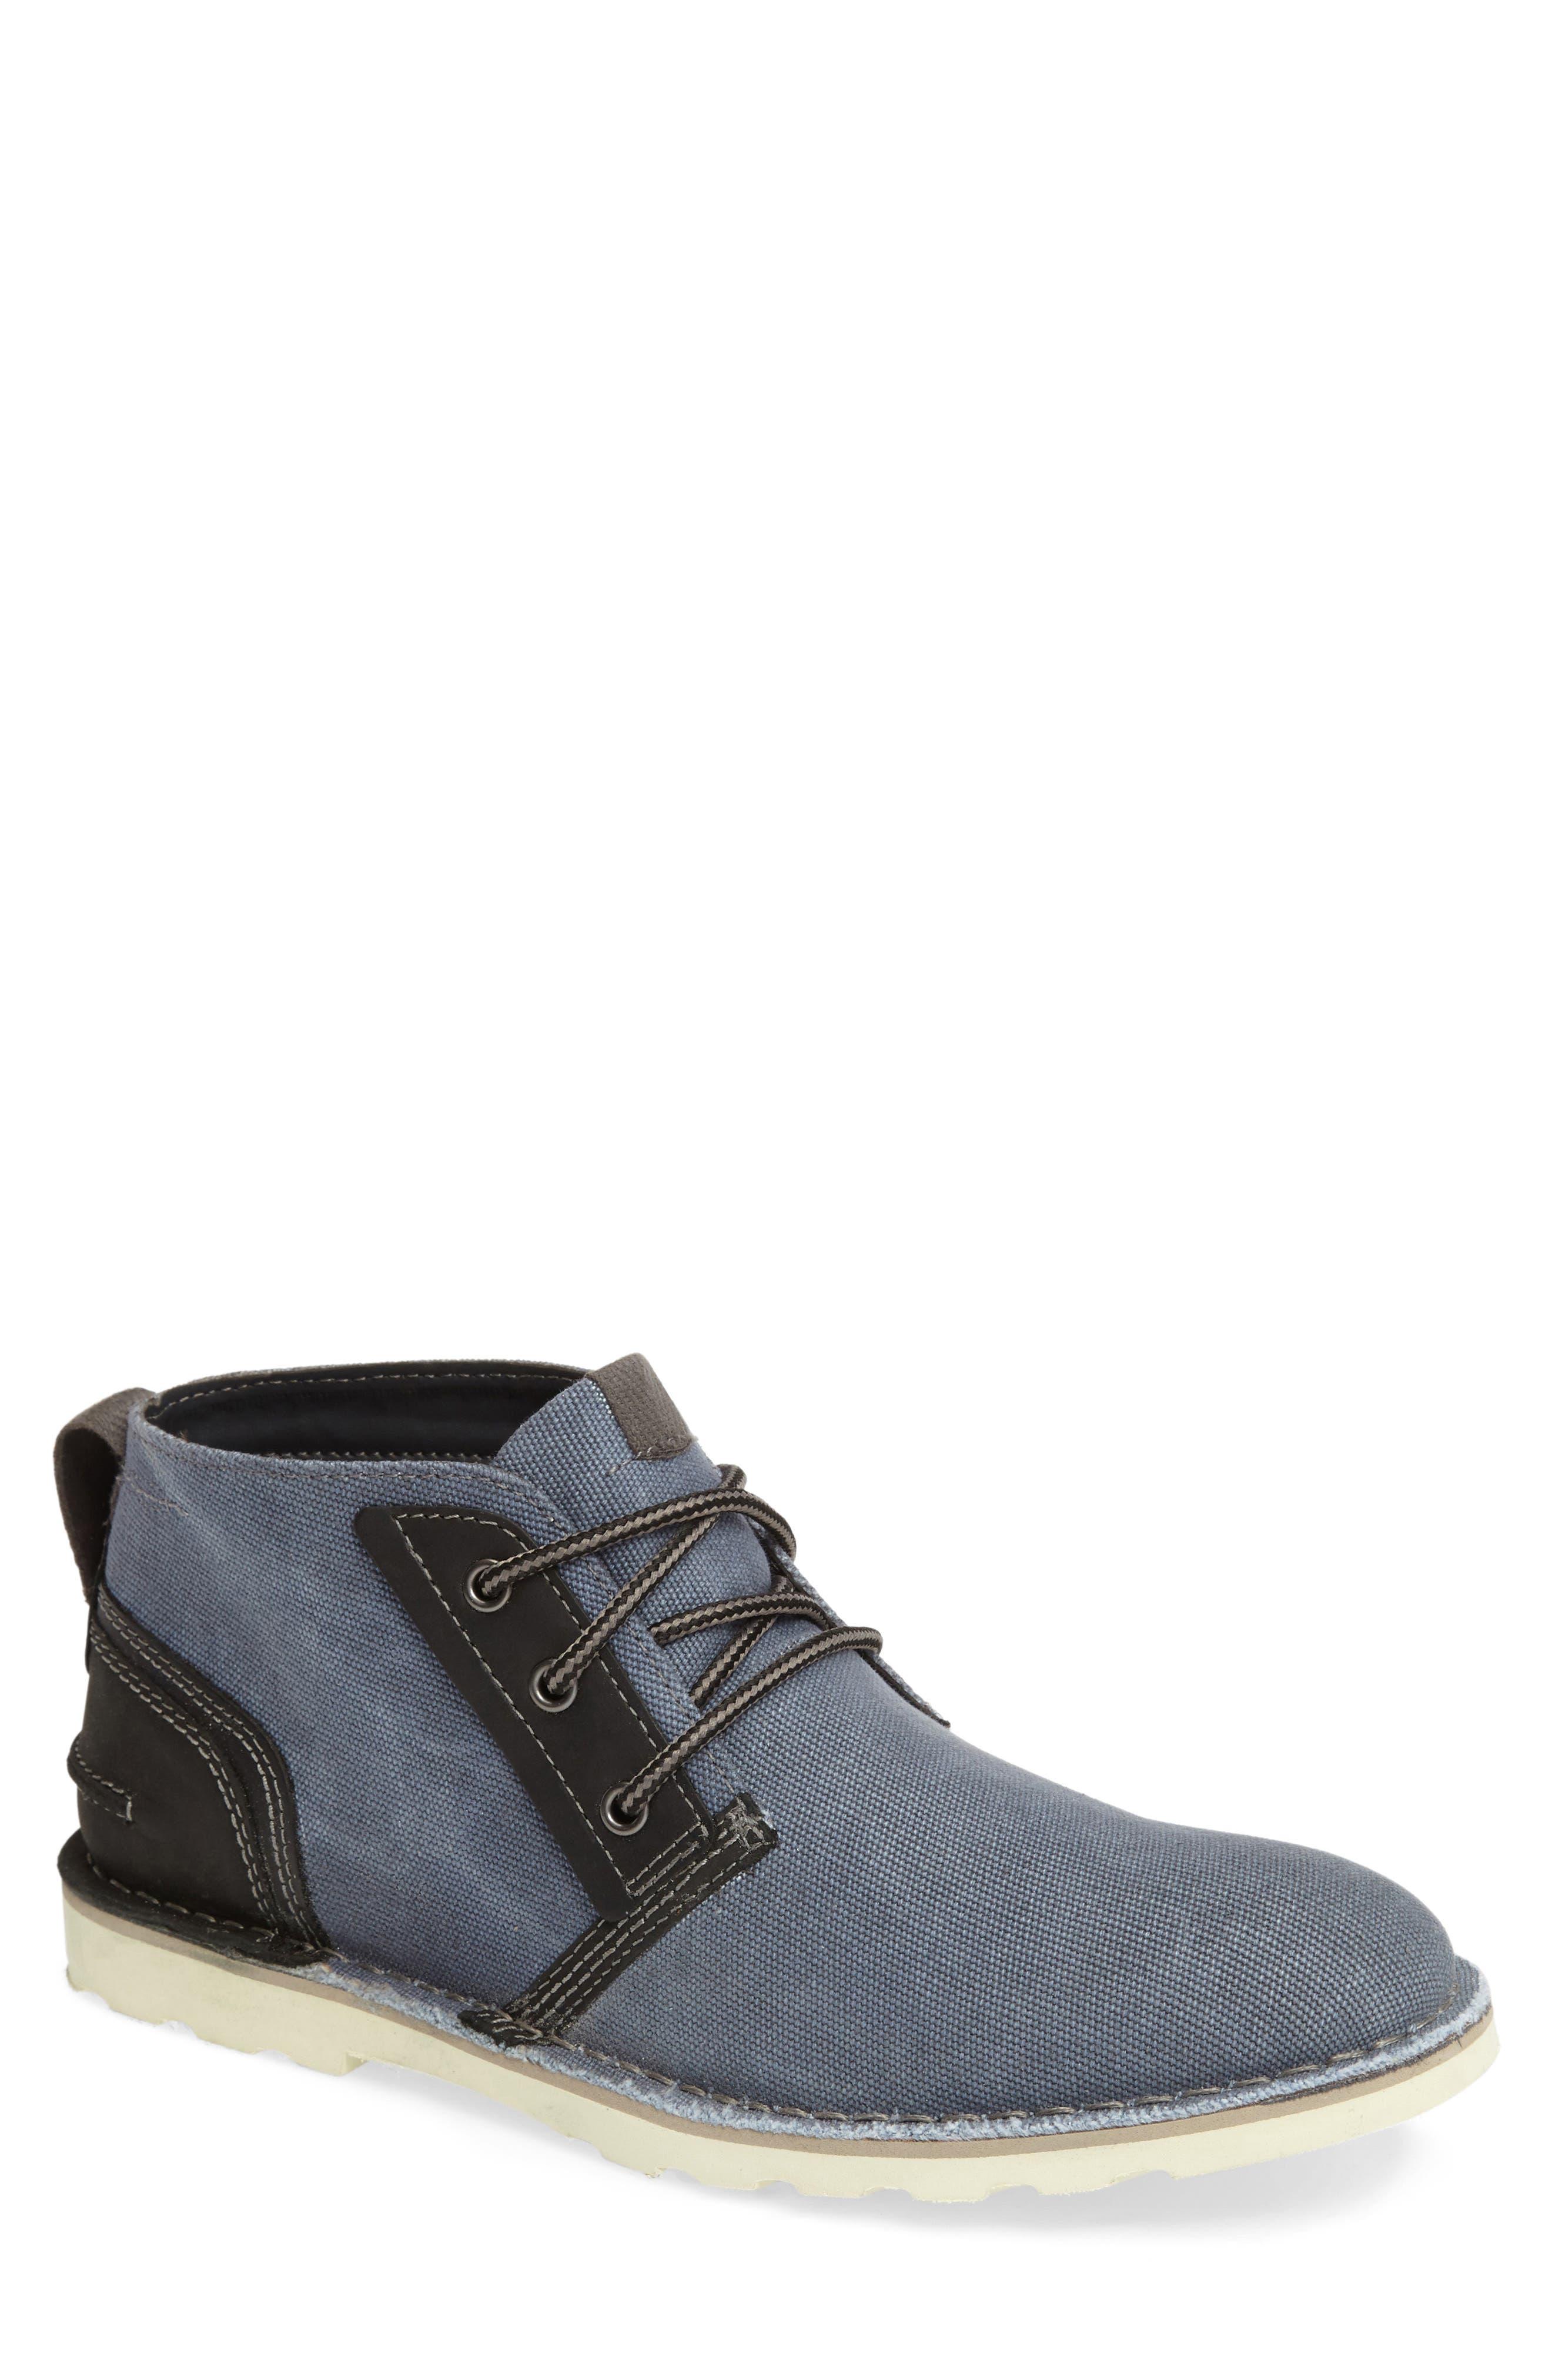 Intruder Chukka Boot,                         Main,                         color,